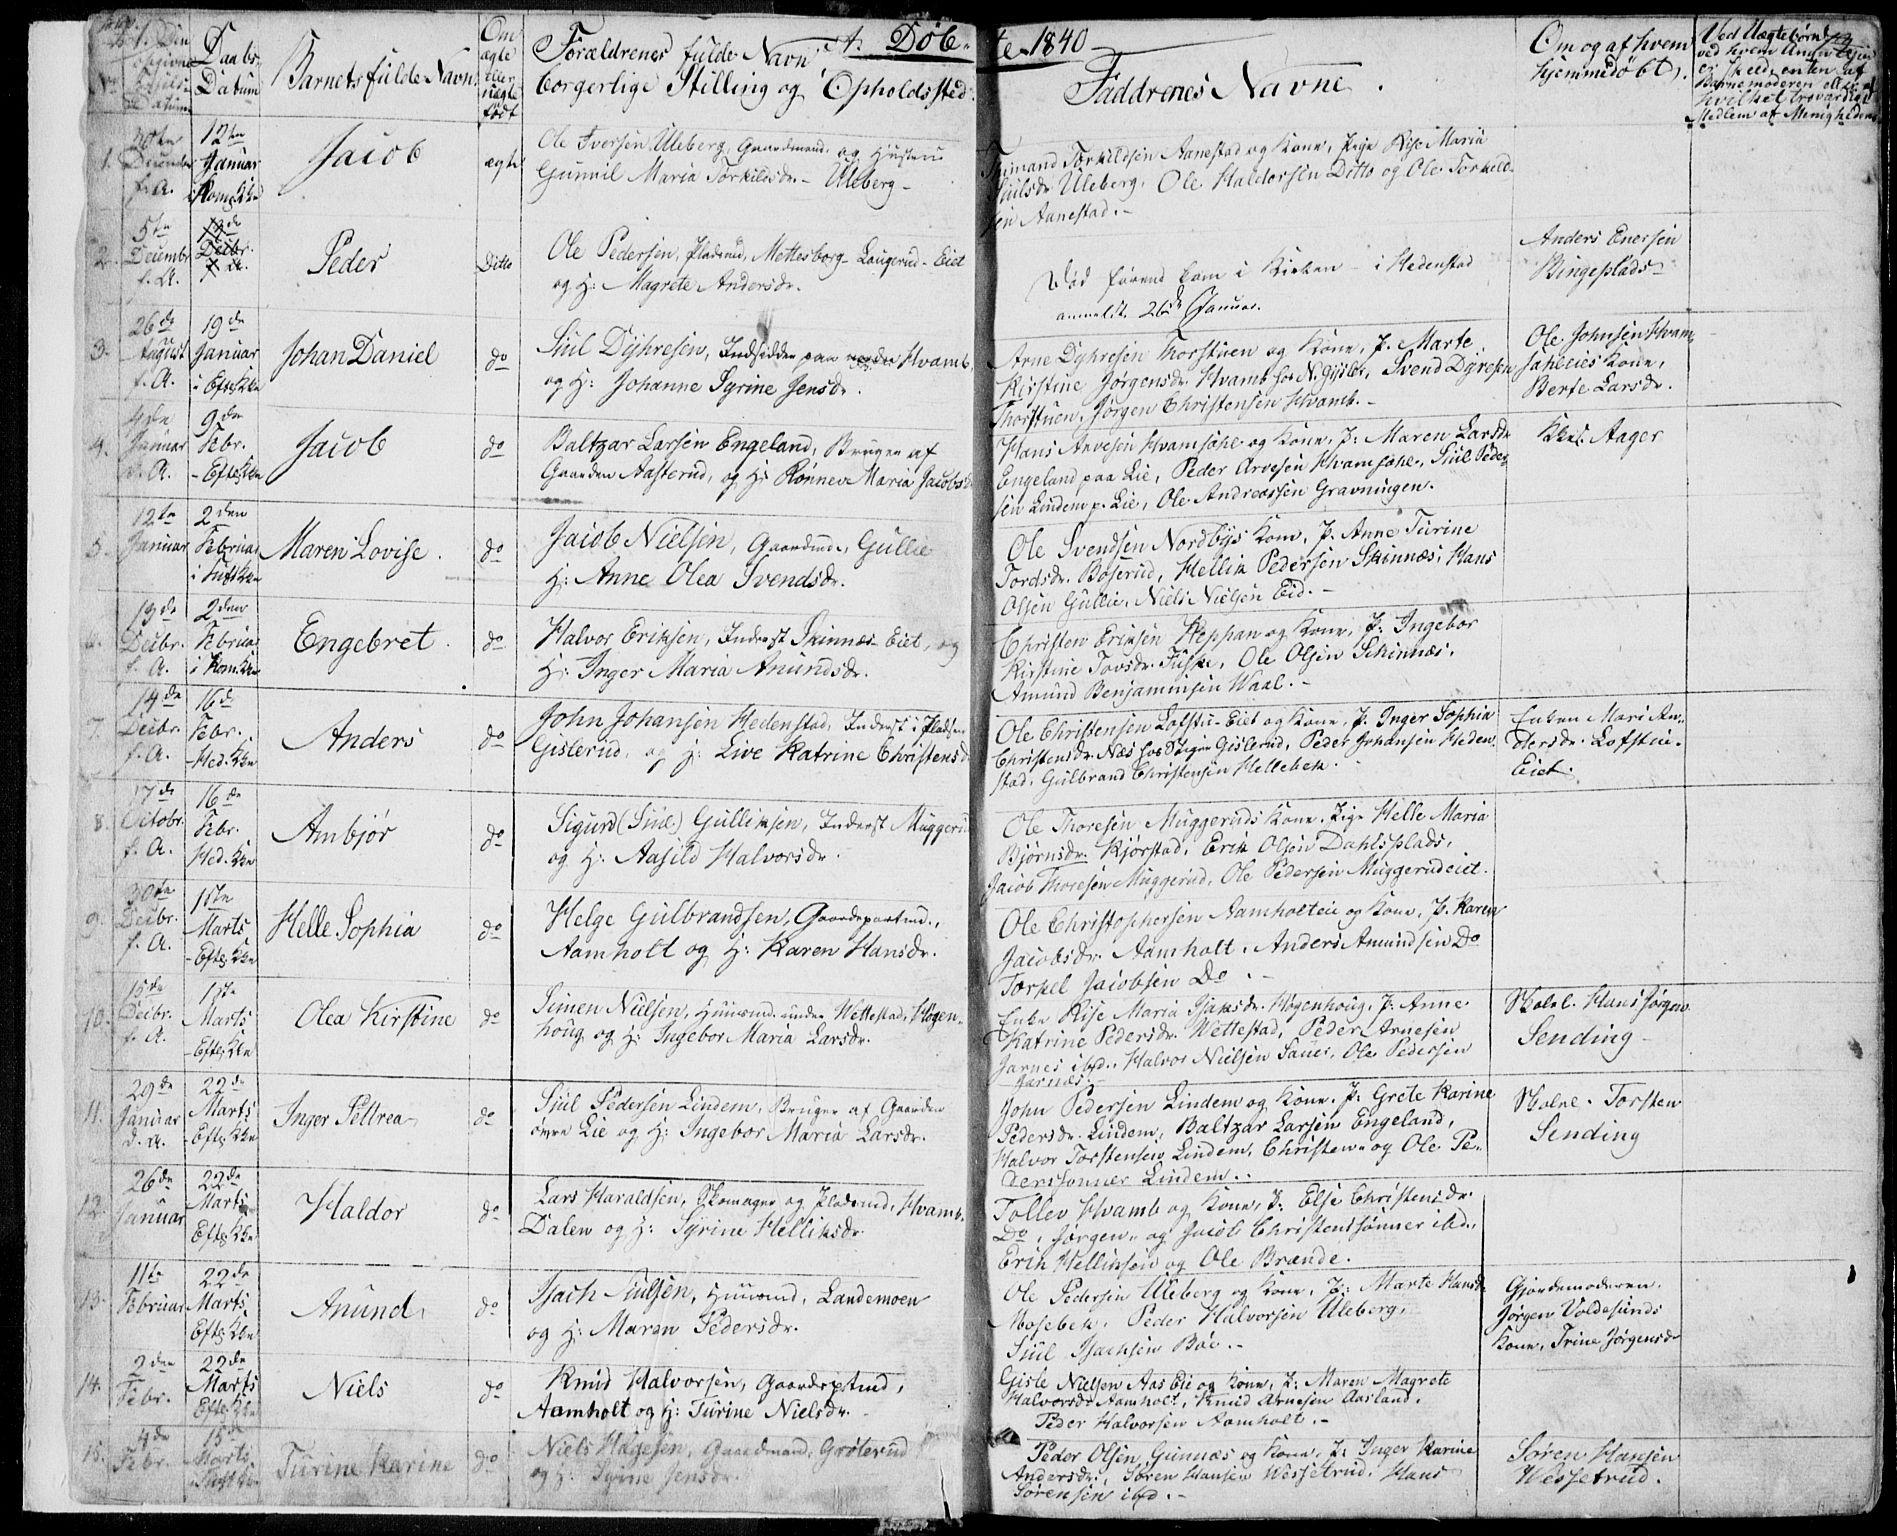 SAKO, Sandsvær kirkebøker, F/Fa/L0005: Ministerialbok nr. I 5, 1840-1856, s. 2-3